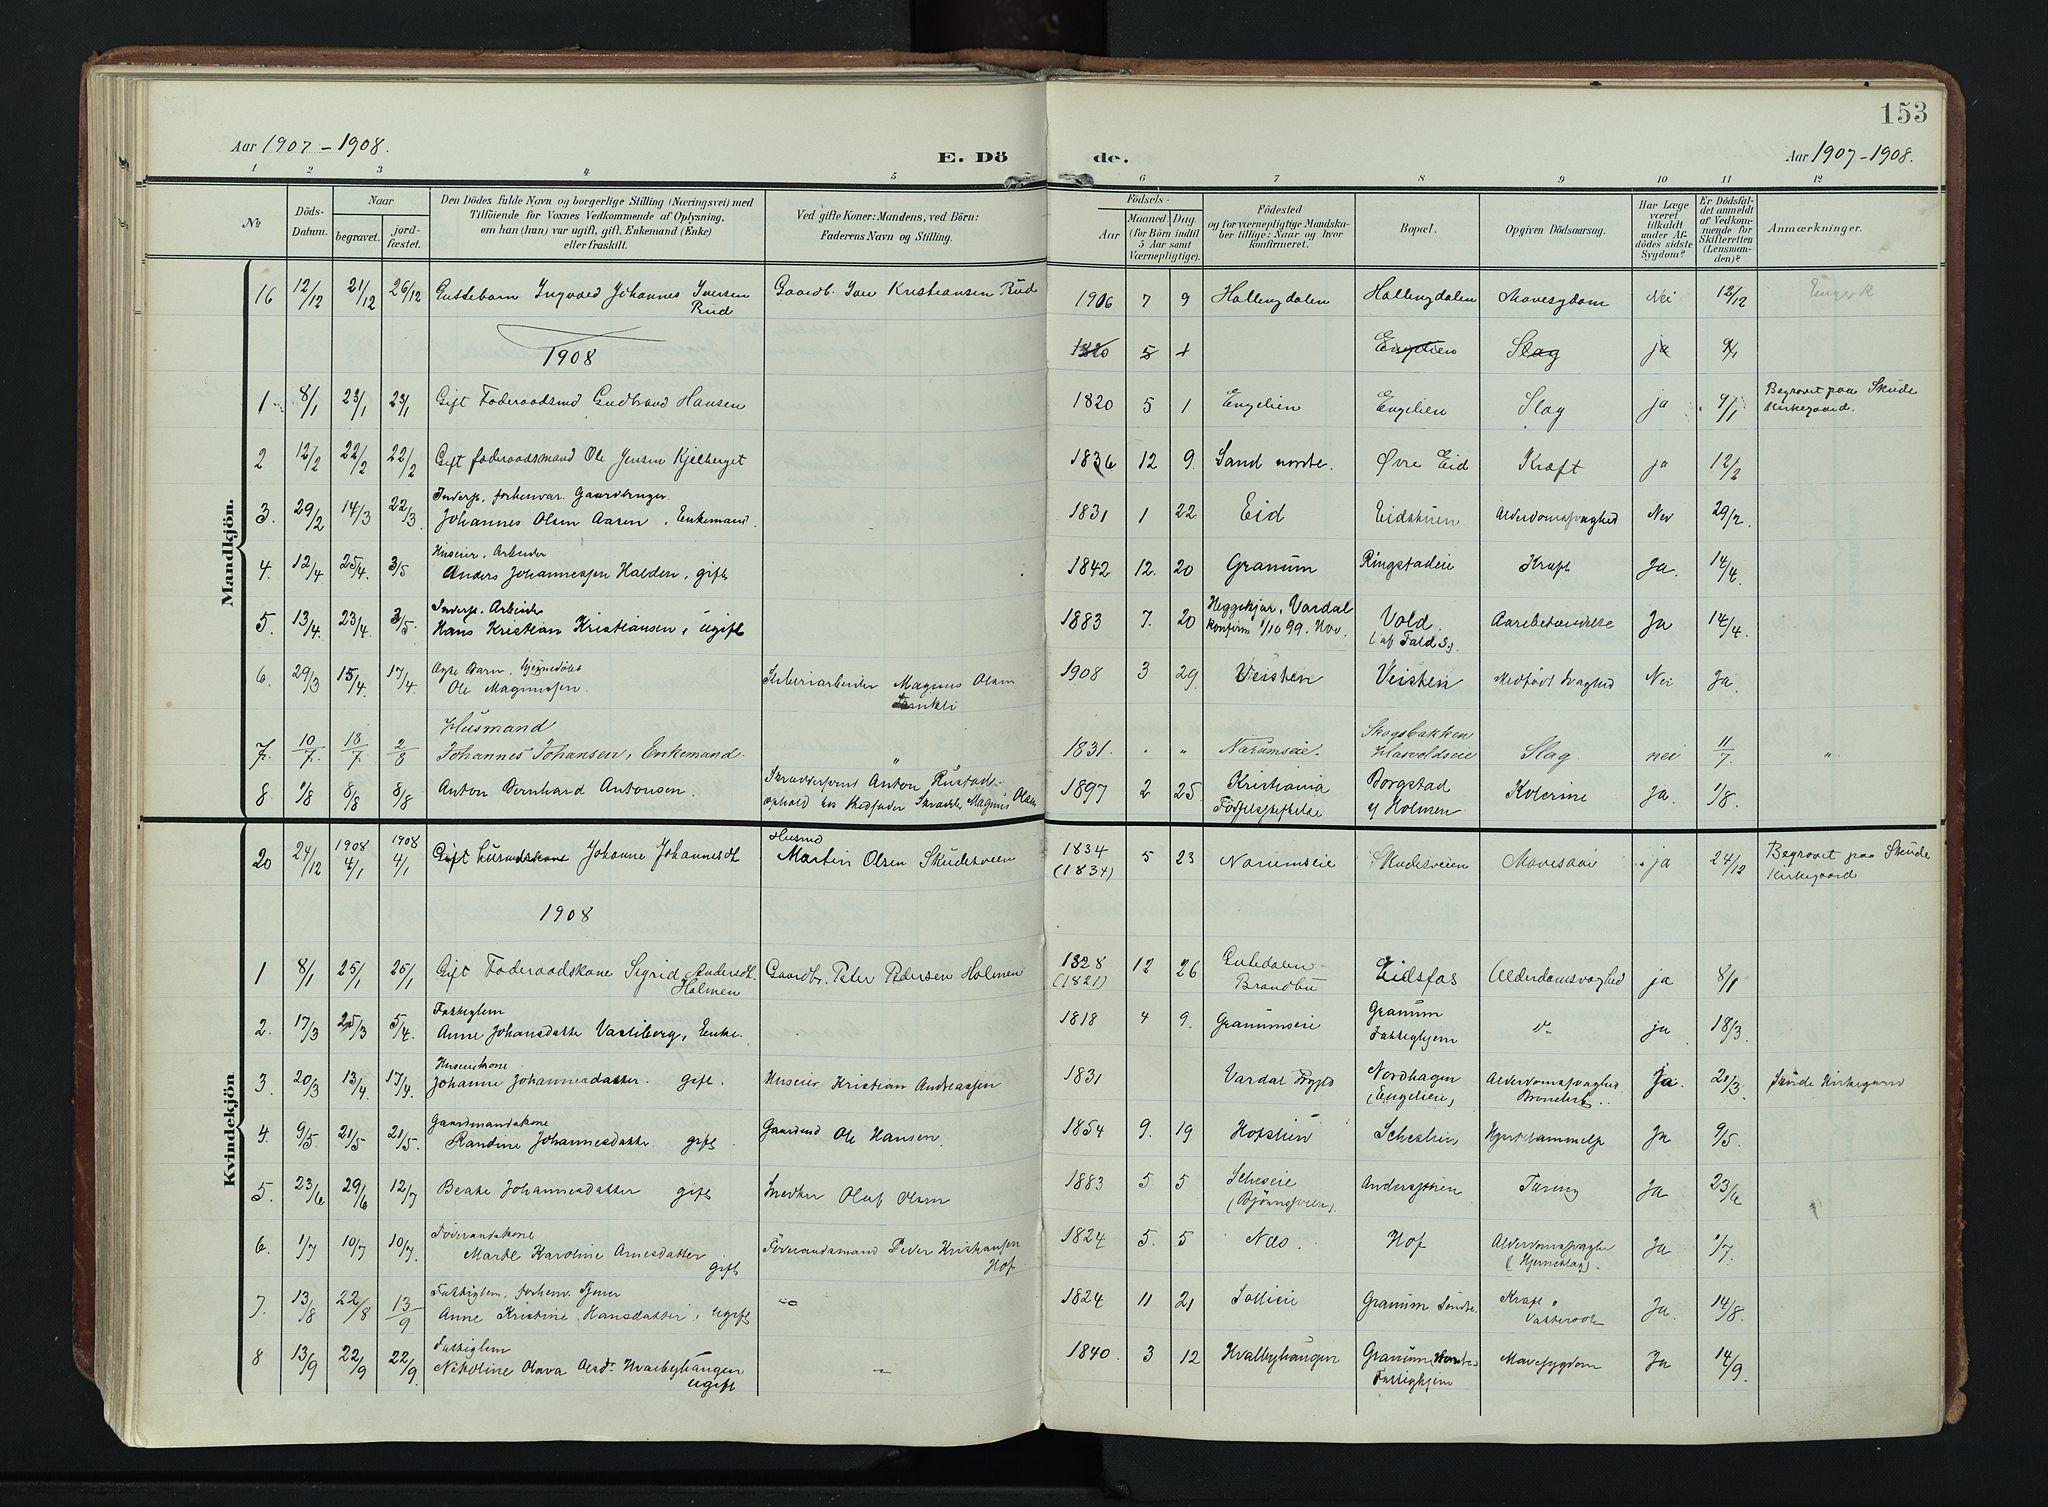 SAH, Søndre Land prestekontor, K/L0007: Ministerialbok nr. 7, 1905-1914, s. 153